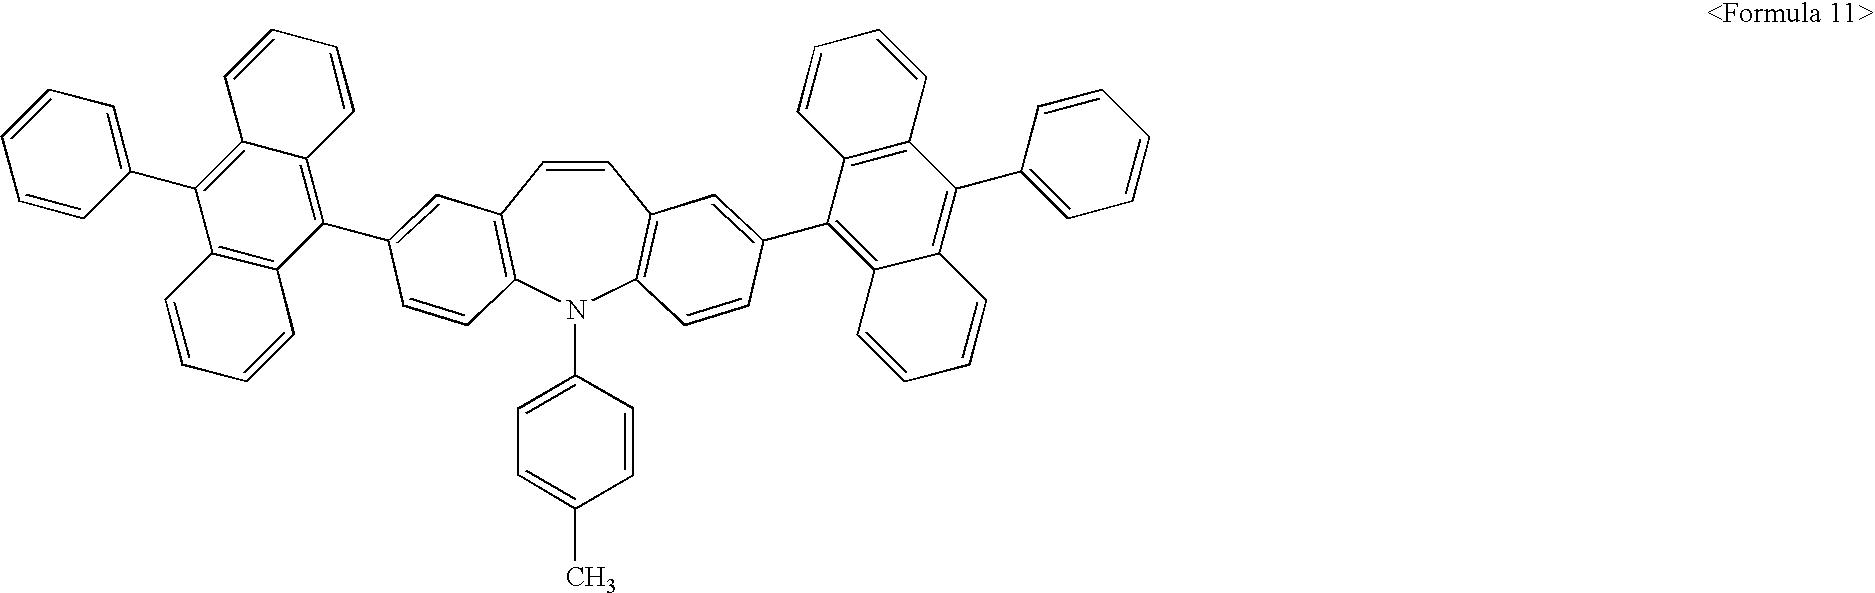 Figure US20080122346A1-20080529-C00038